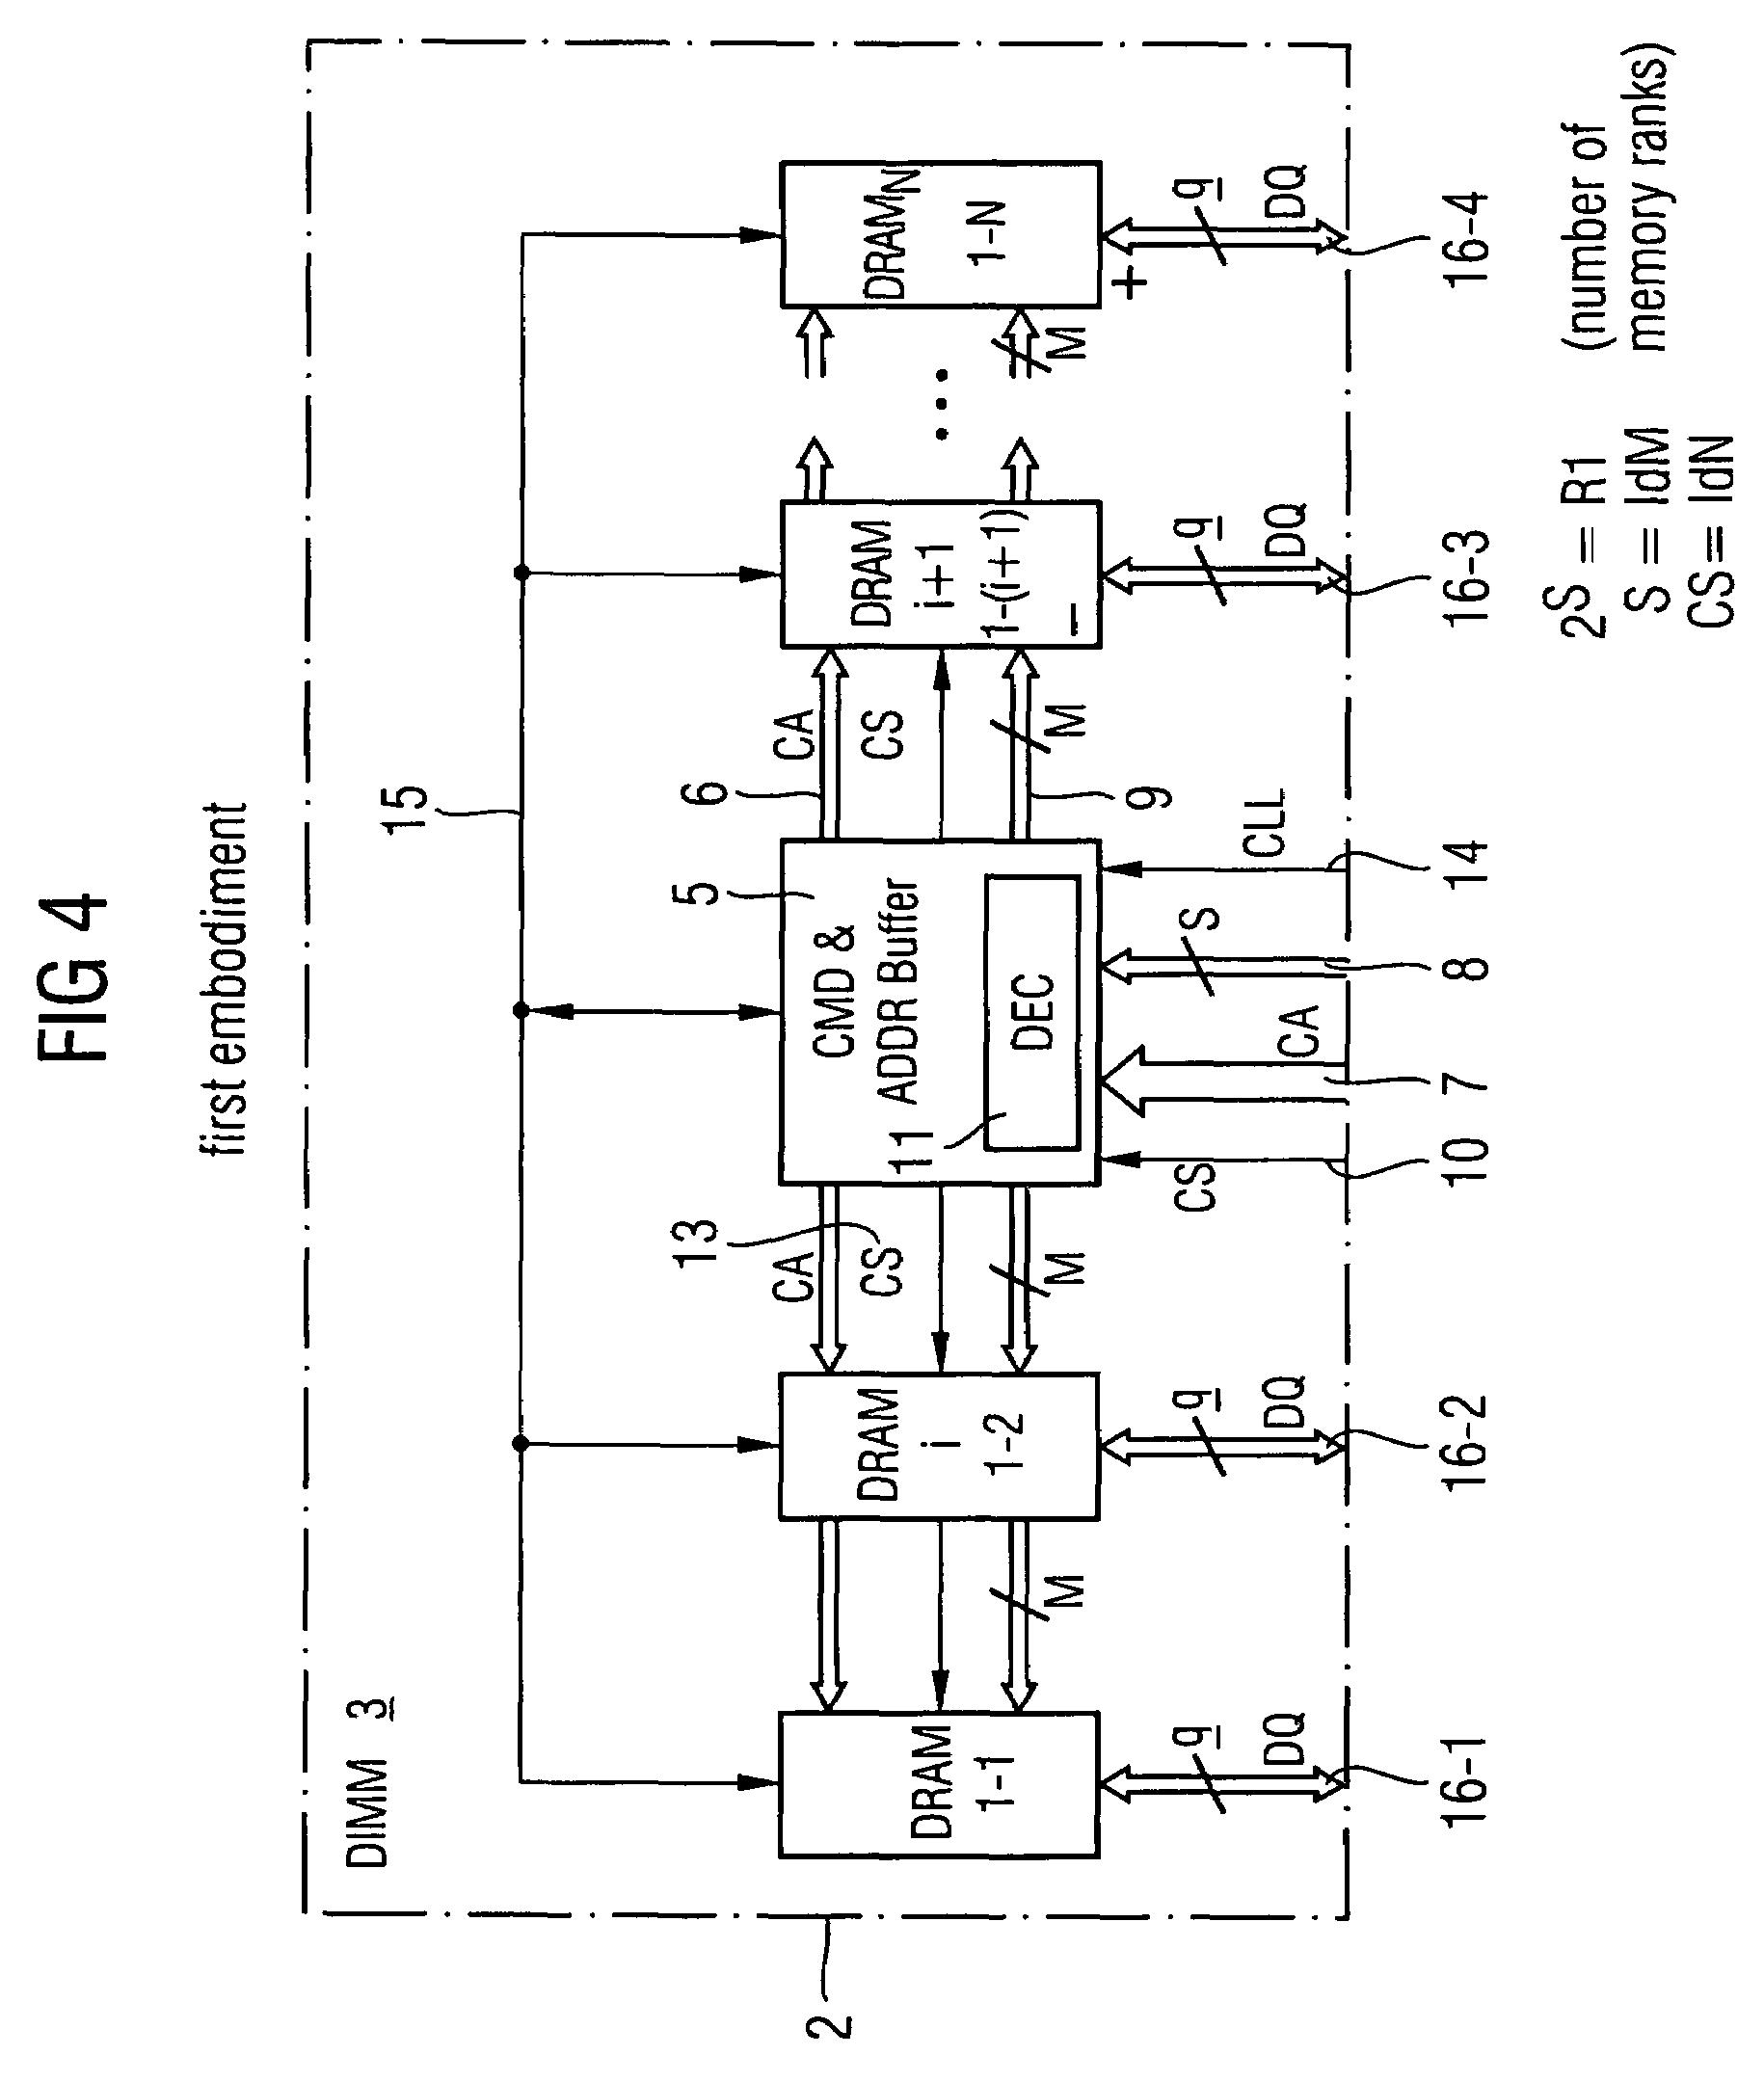 patent us7266639